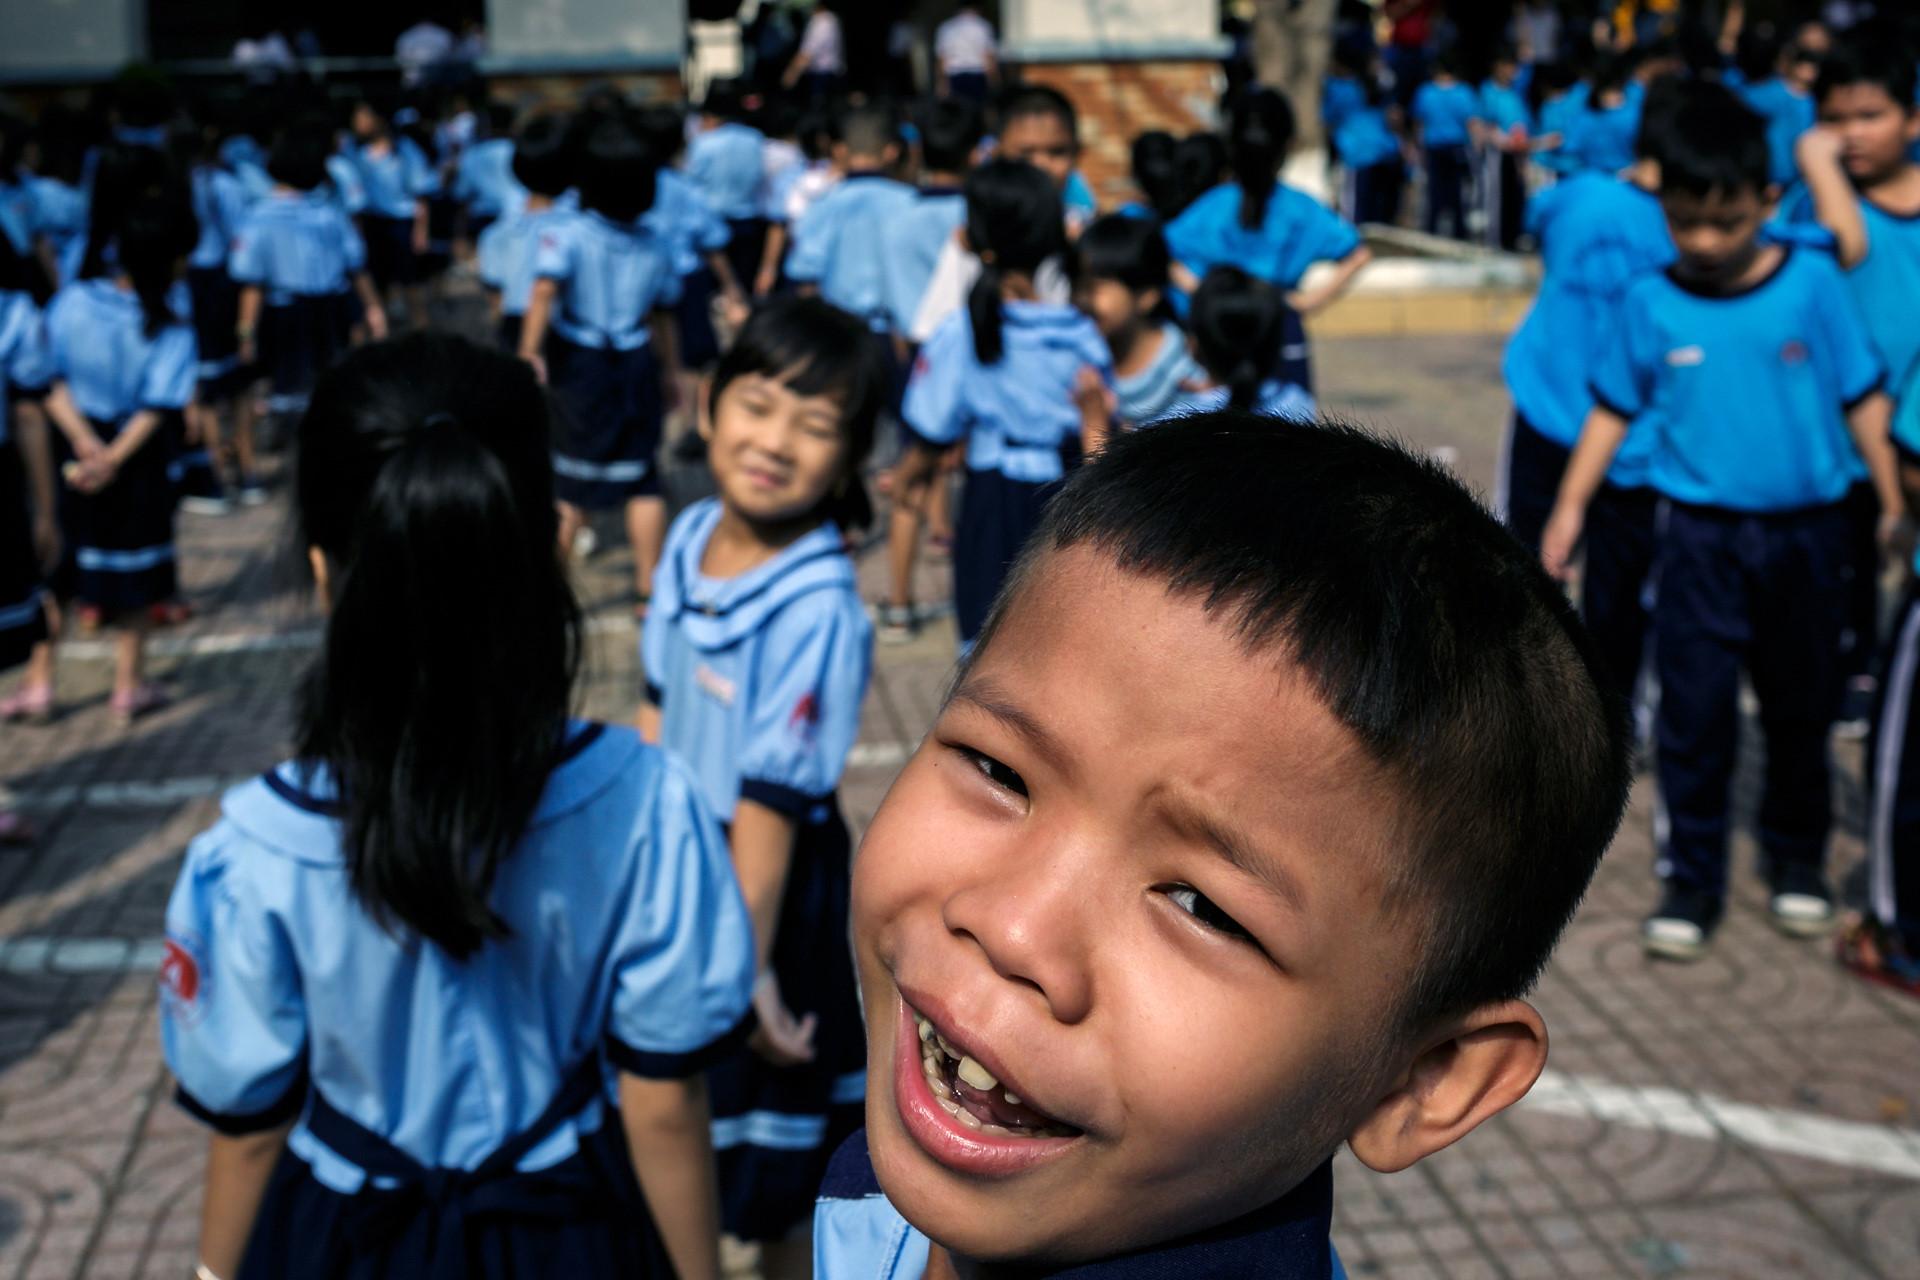 Phòng Công Tác xã hội Bệnh viện Chợ Rẫy chạy vạy xin cho Lâm một suất vào học trường tiểu học Nguyễn Văn Trỗi trên địa bàn quận 2.